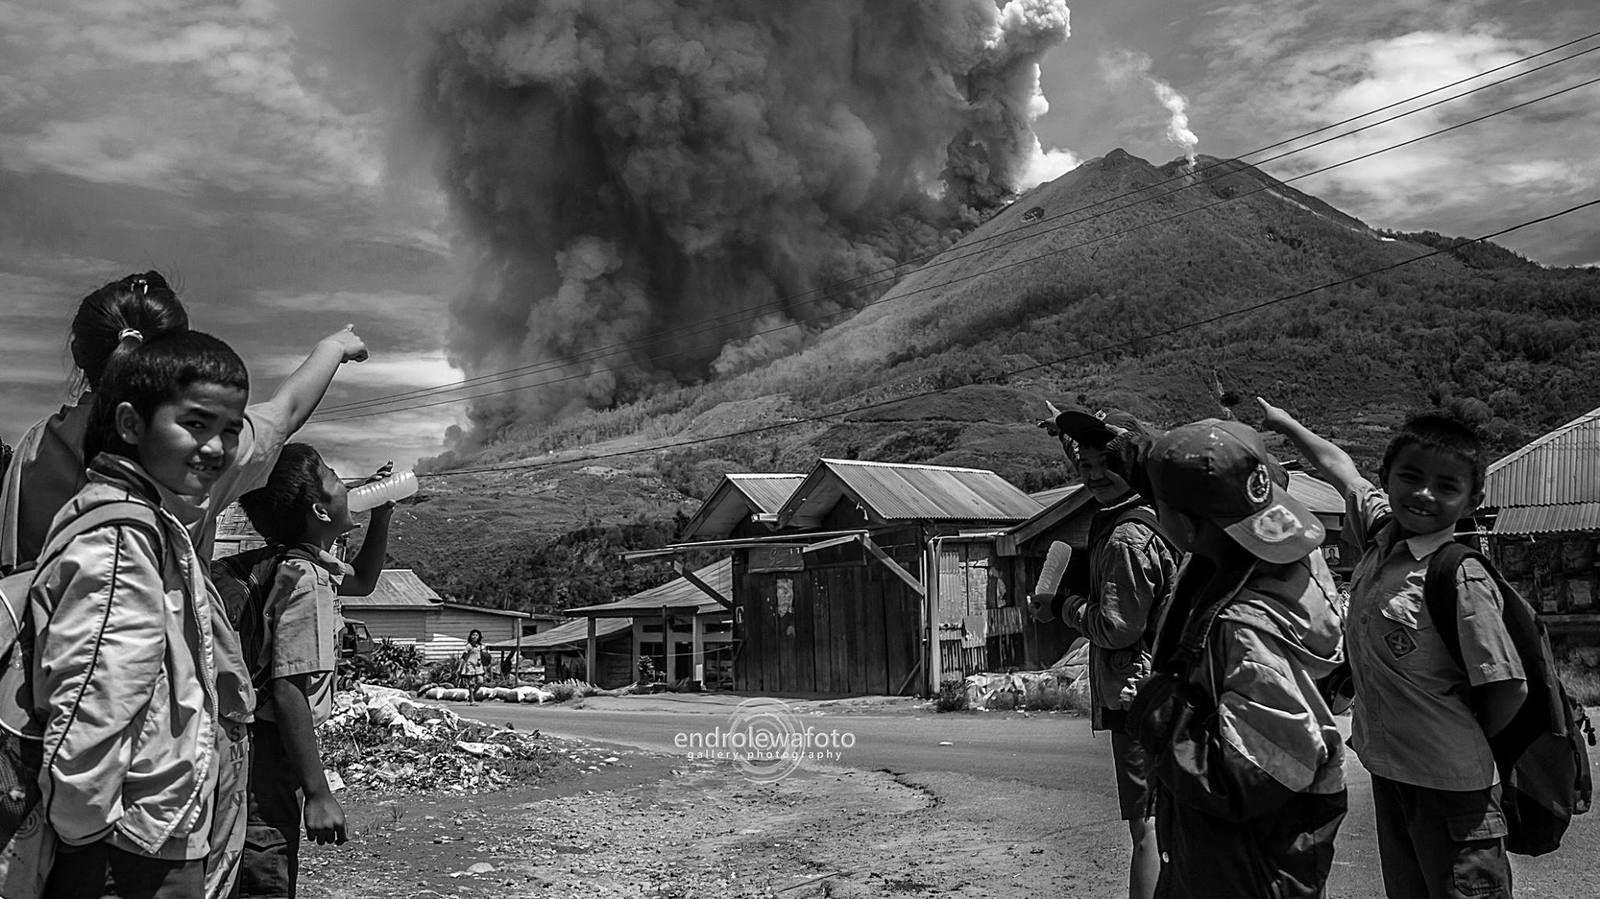 Sinabung - 02.05.2016 - l'éruption vue par des écoliers de l'autre versant - photo Endrolewa.